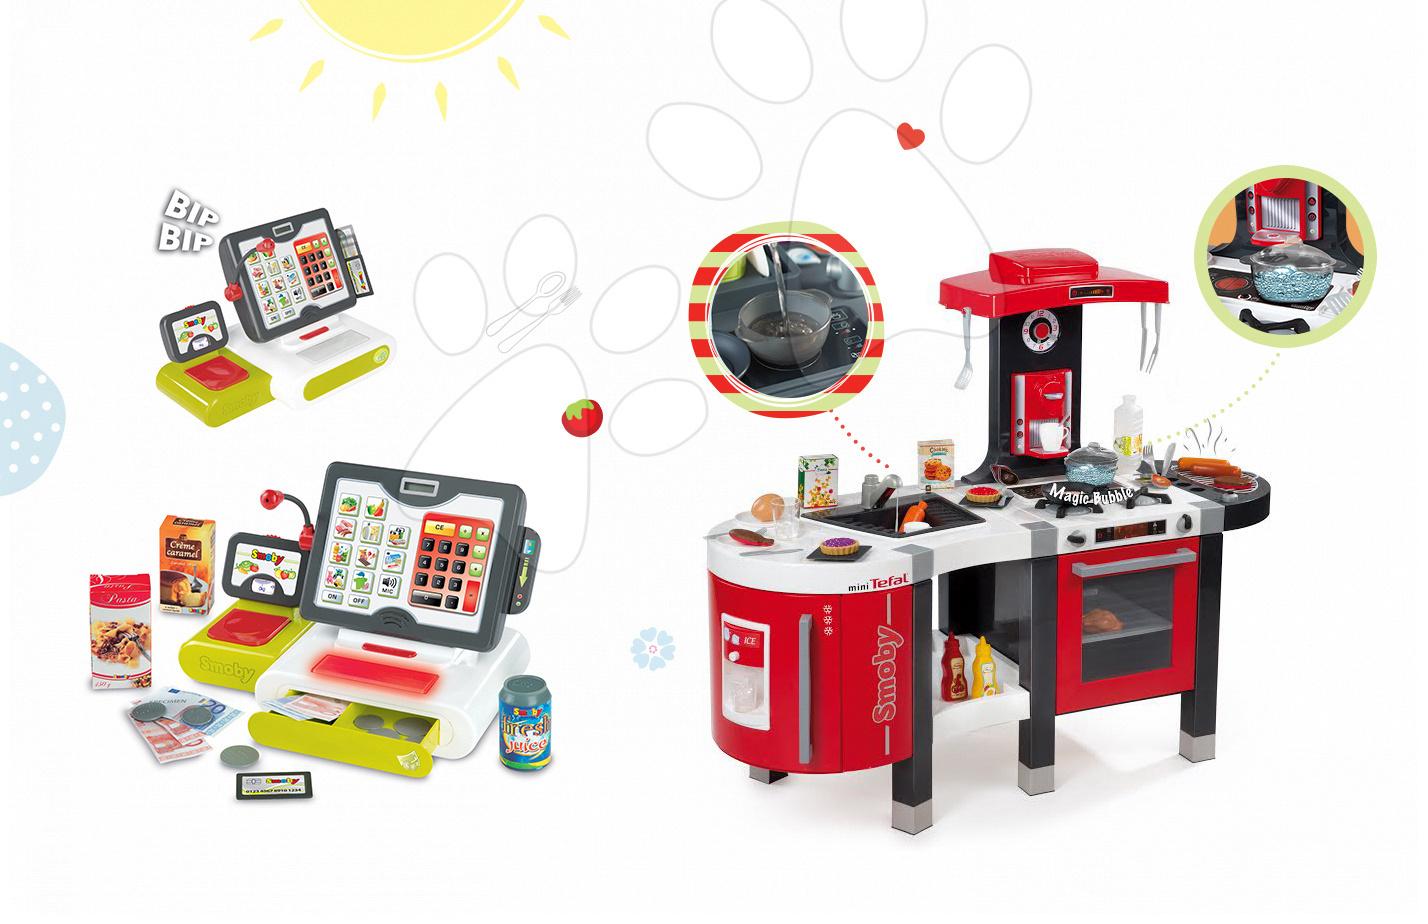 Set dětská kuchyňka Tefal French Touch Bublinky&Voda Smoby s magickým bubláním a elektronická dotyková pokladna